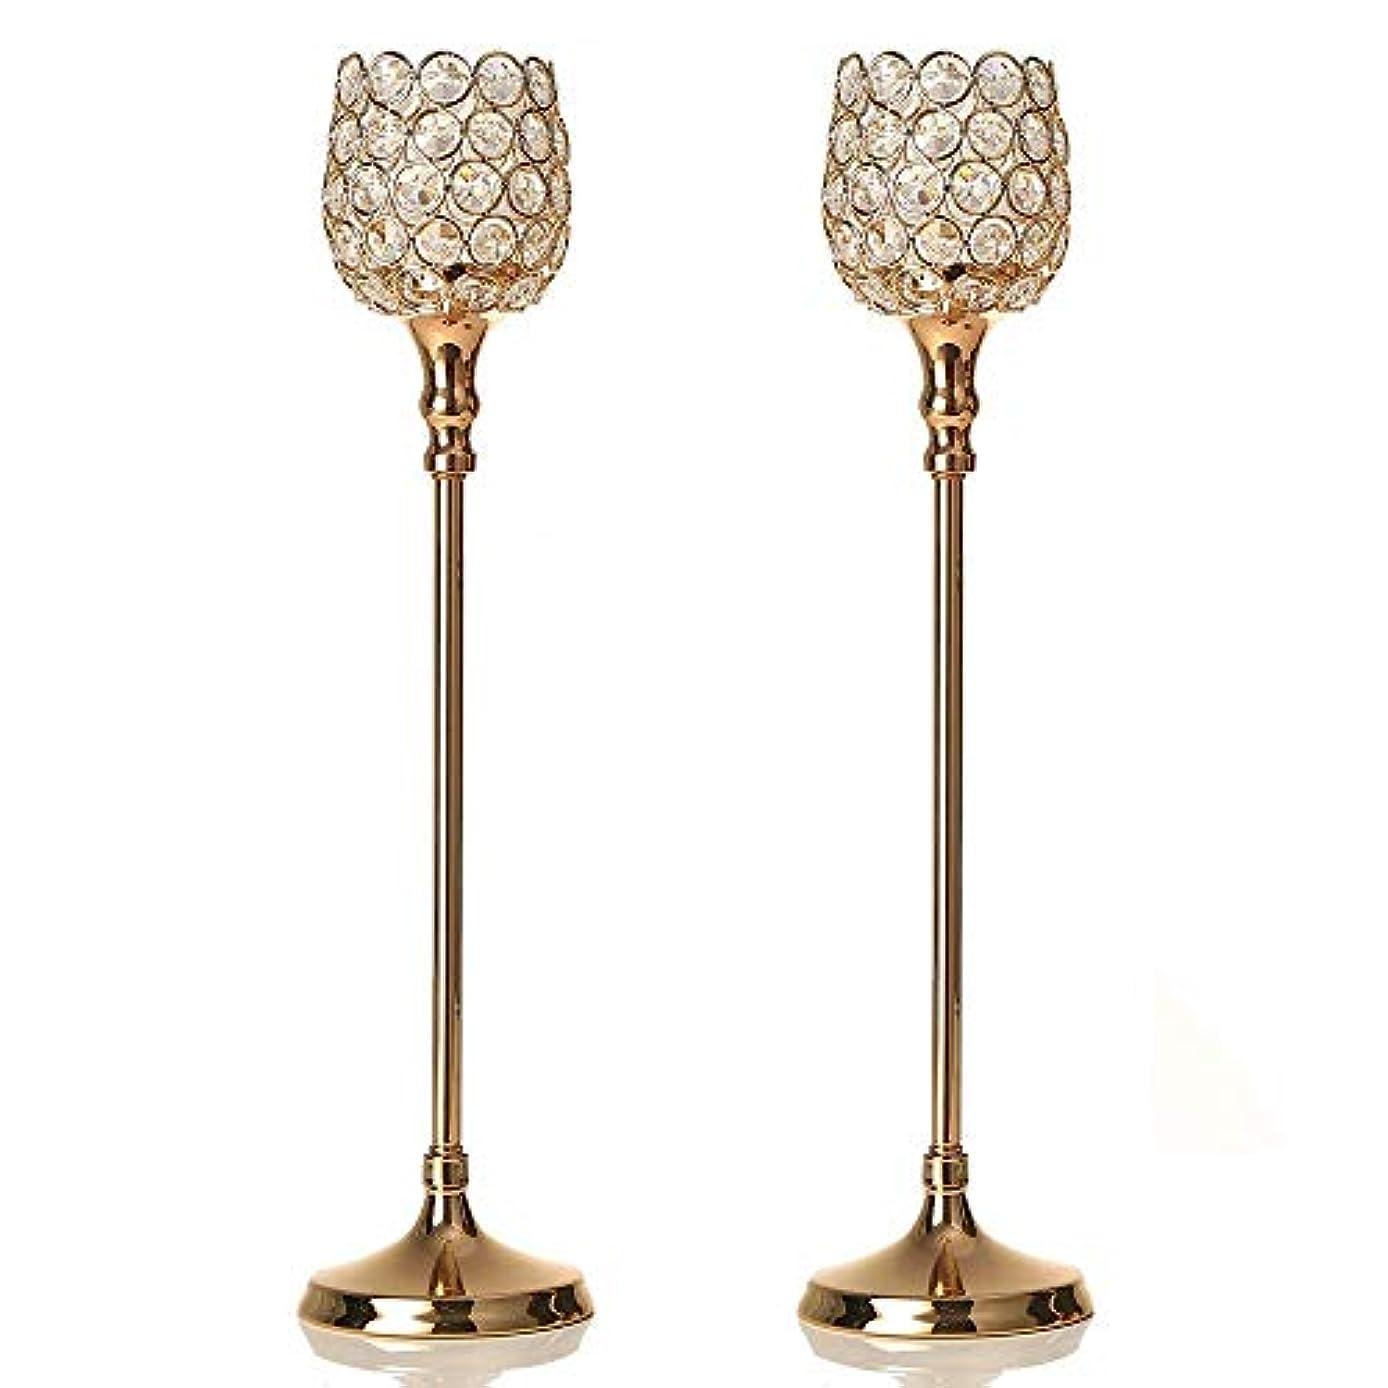 マインドフルペンフレンドアナロジーVINCIGANT ゴールデンクリスタルの燭台スーツ2つ結婚式、テーブルデコレーション、感謝祭、クリスマス、記念日のために2 pcs 48cm